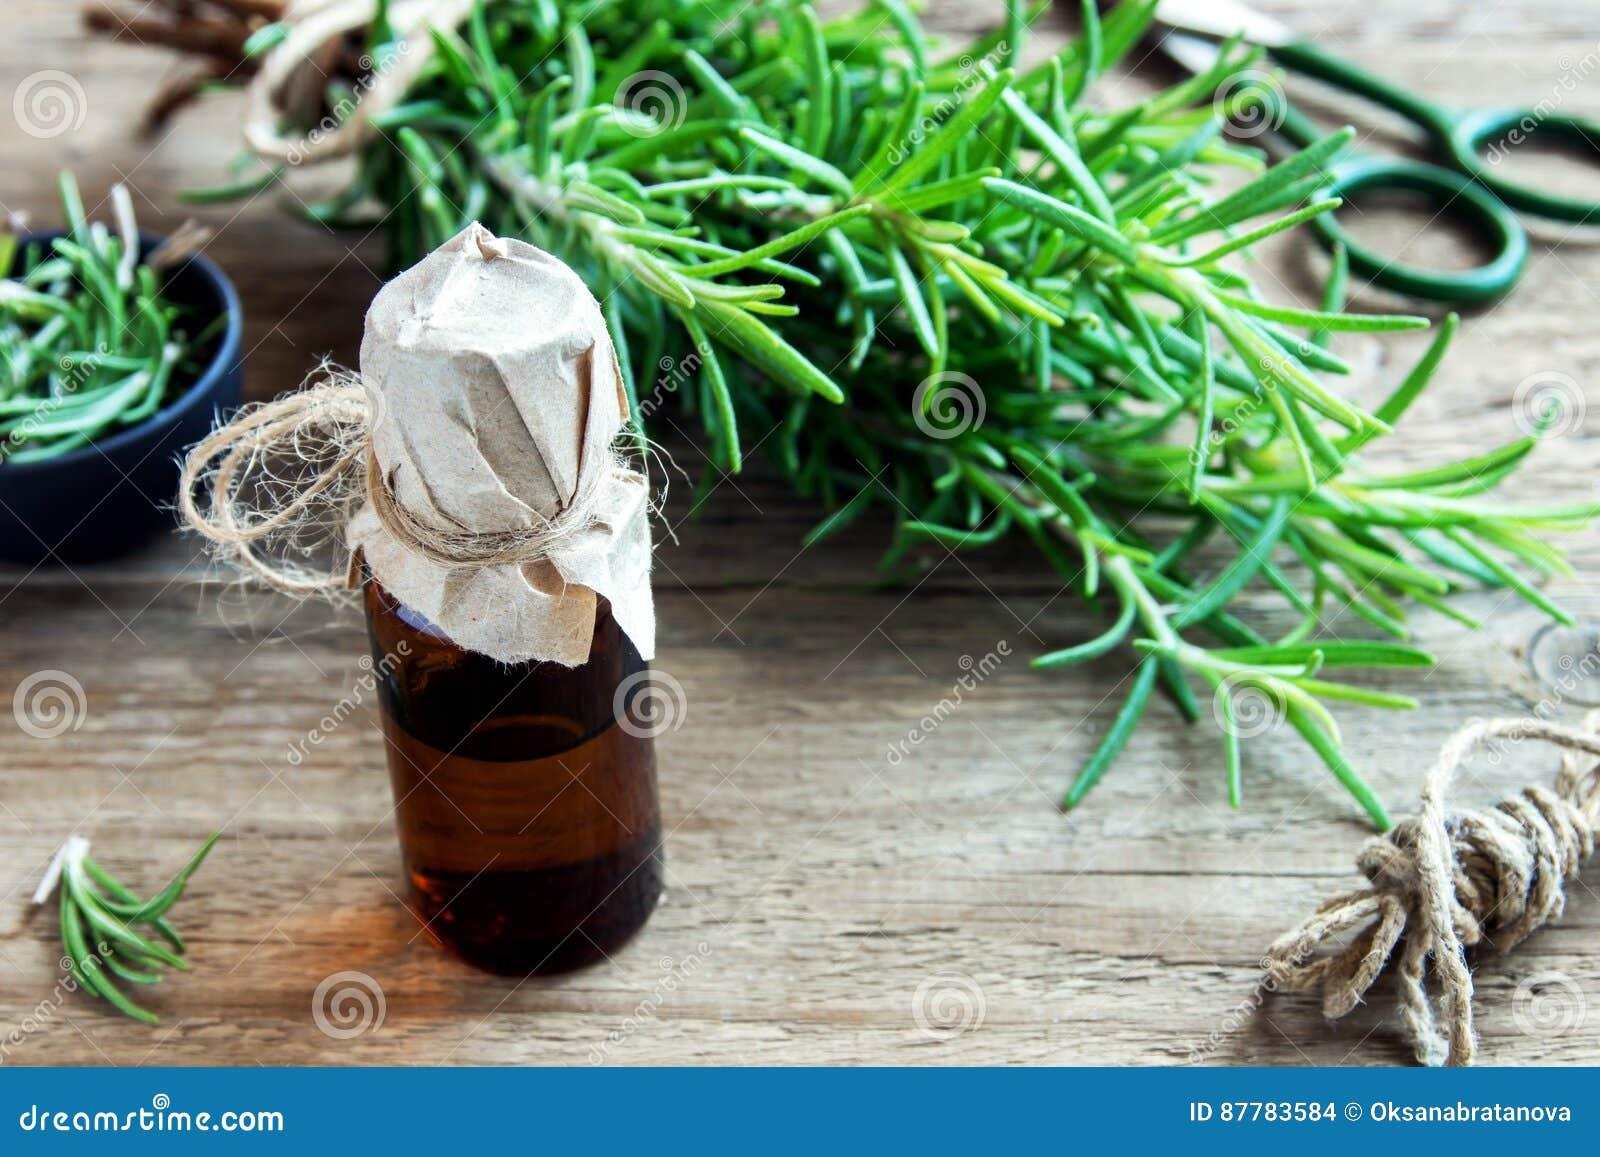 Petróleo esencial de Rosemary